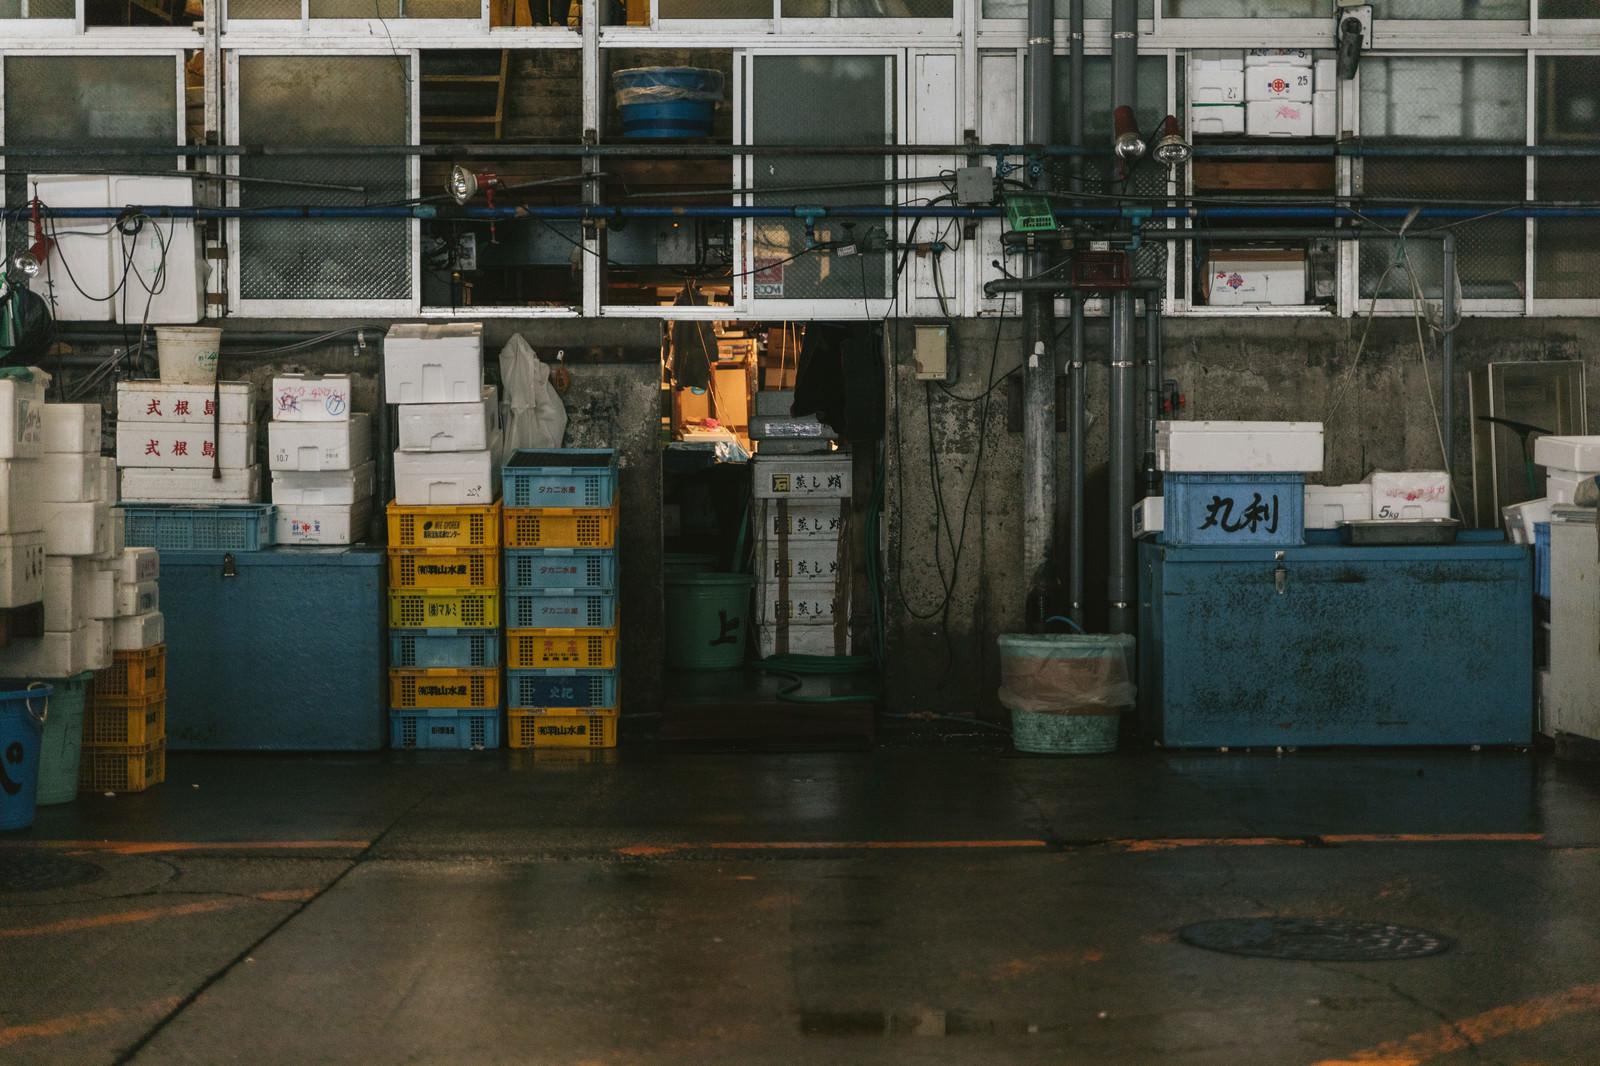 「移転はいつになるのか・・・東京築地市場」の写真